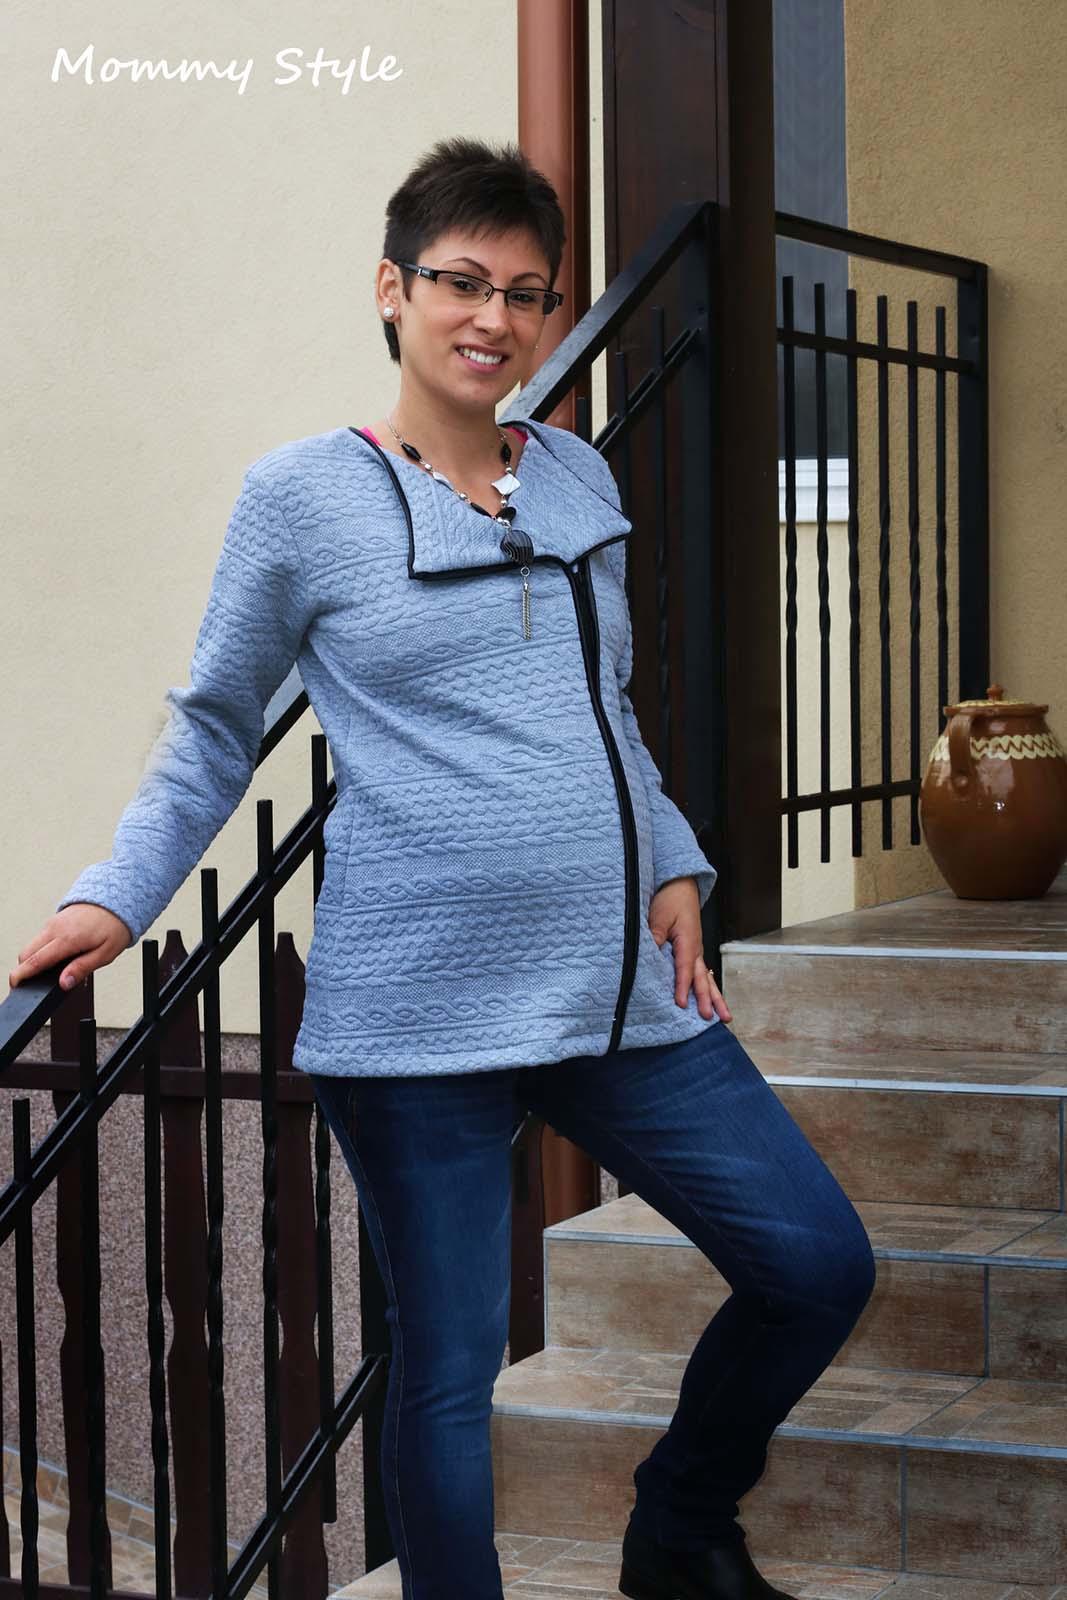 b63e7c4275 Mommy Style zipzáros kismama kardigán ...